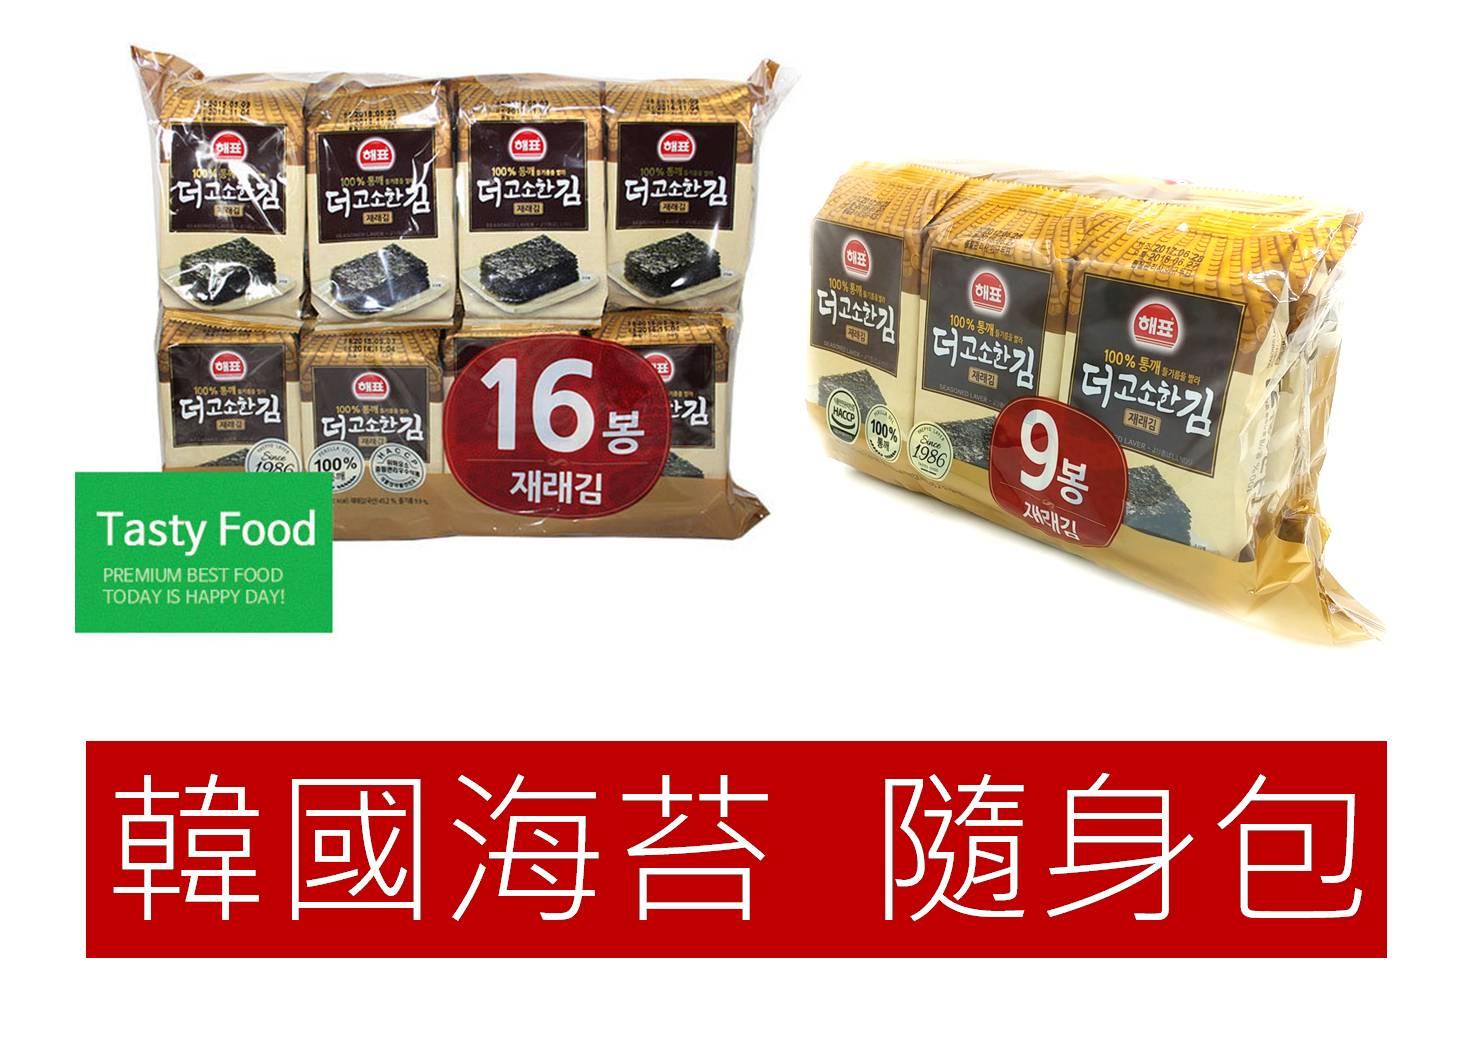 《Chara 微百貨》韓國 海苔 隨身包 SAJO 海牌 韓宇在來 京畿道 激安 泡菜 明太子 照燒  竹鹽 4